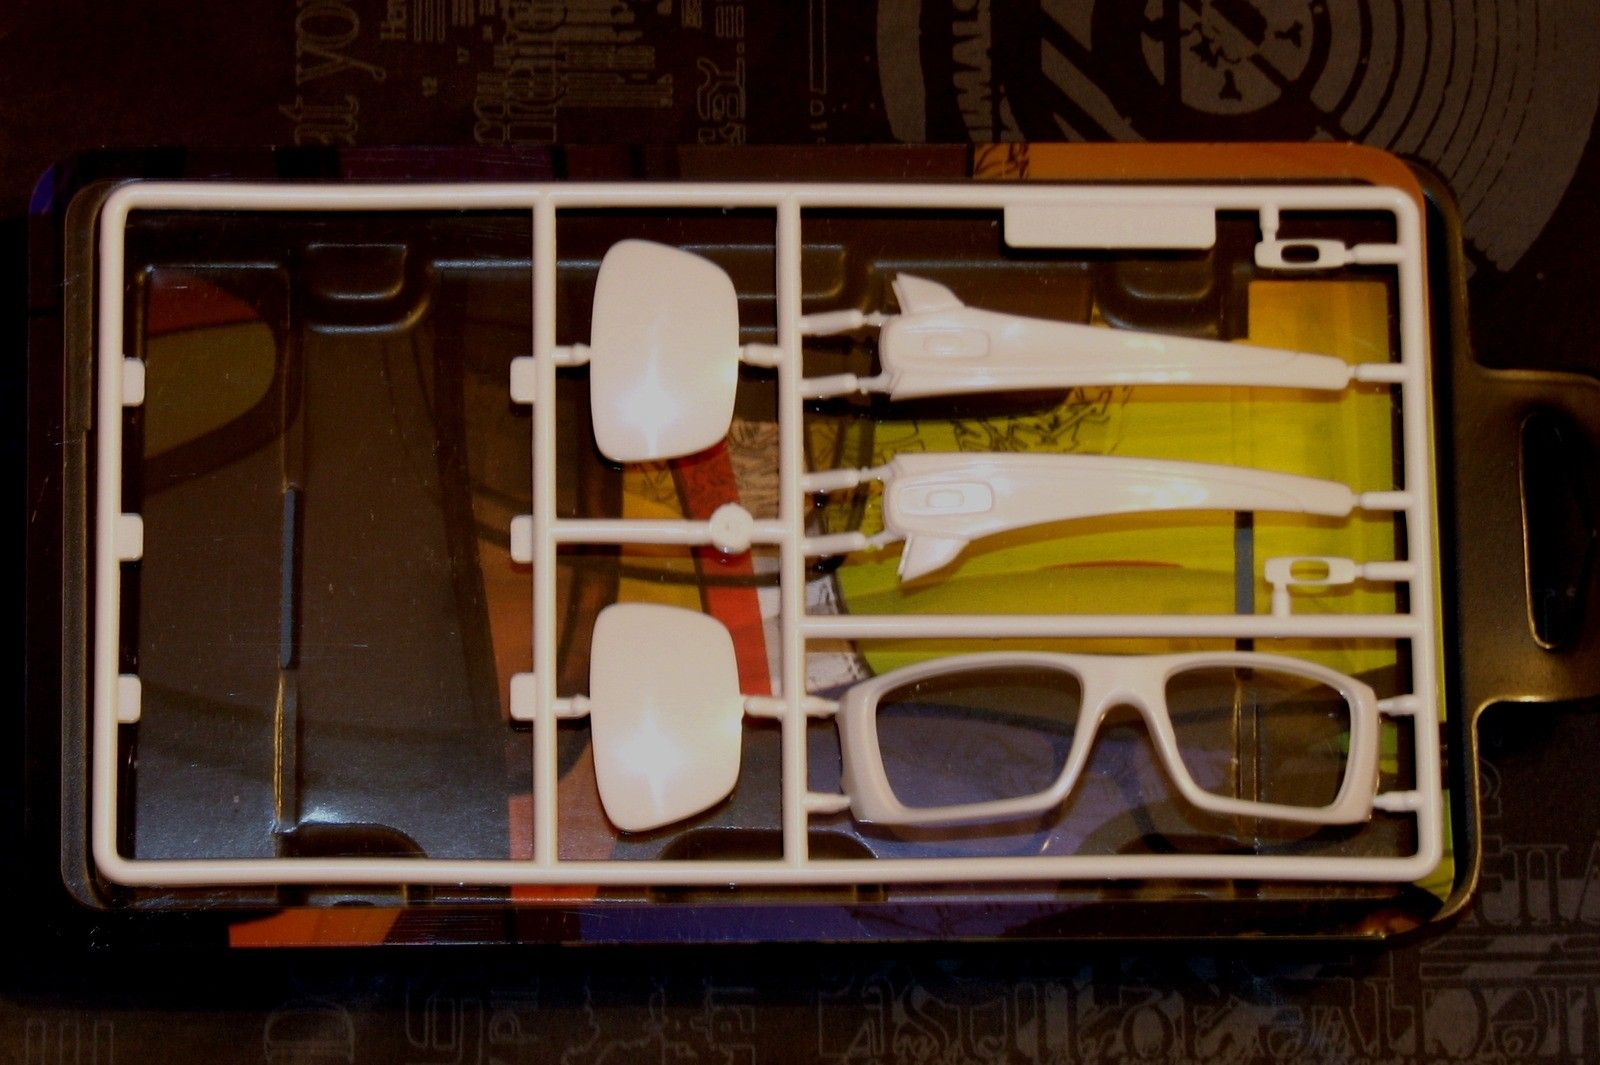 Gift Card Fuel Cell Model Kit - modelkit.jpg